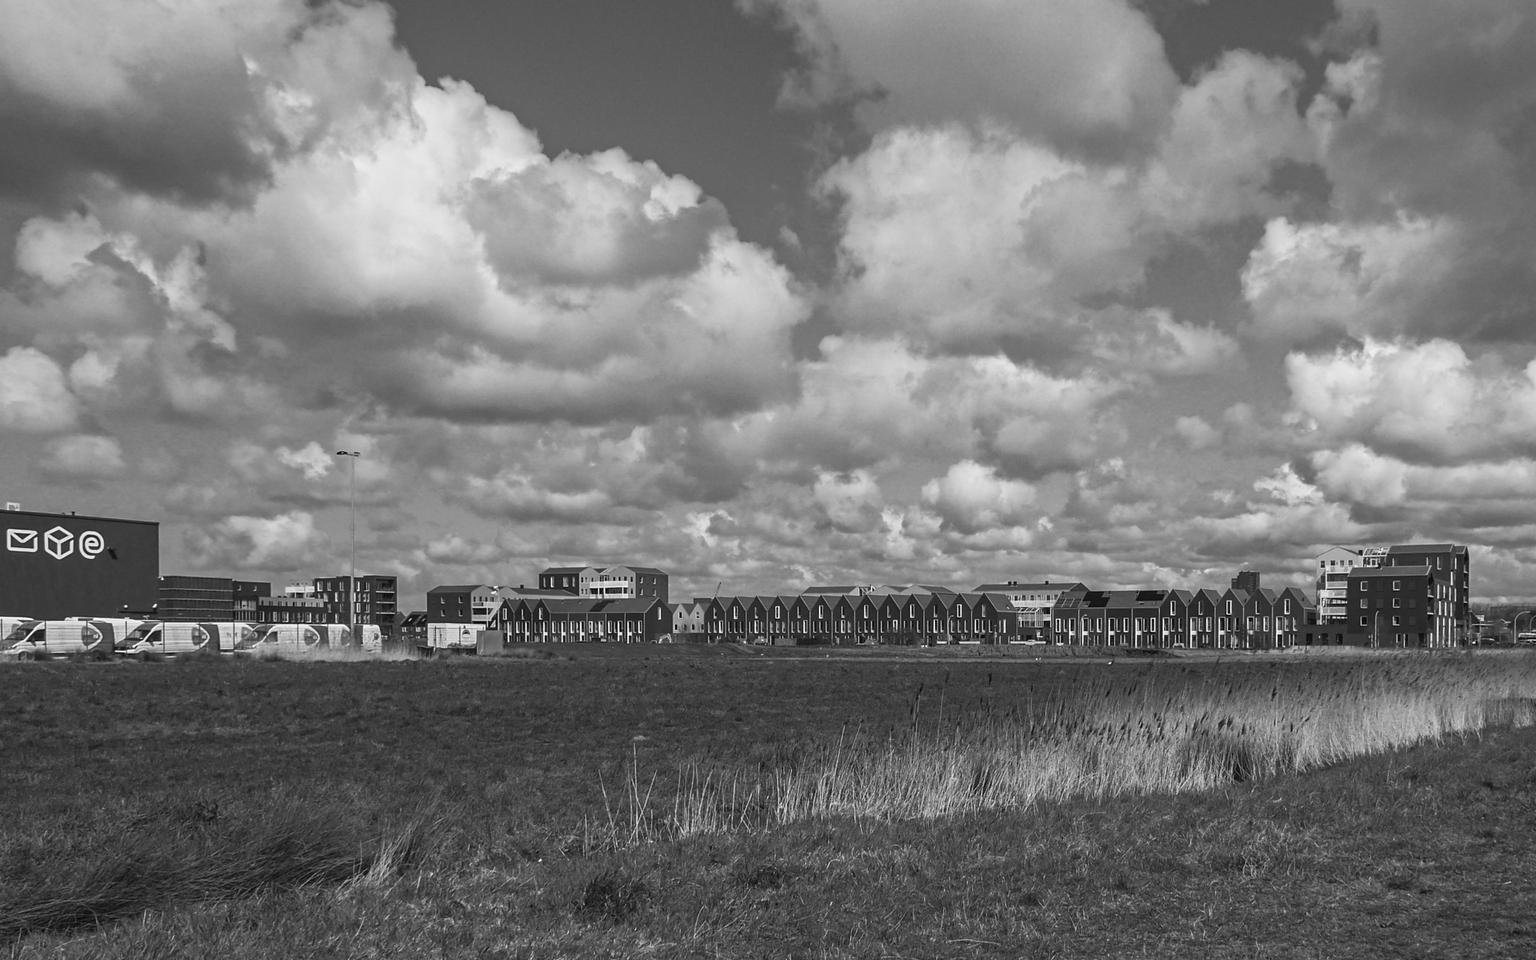 Wat waren de luchten mooi - Fraaie wolkenluchten tijdens een rondje in de buurt. - foto door convust op 12-04-2021 - locatie: 2635 Den Hoorn, Nederland - deze foto bevat: landschap, lucht, wolkenlucht, denhoorn, wandelen, nieuwbouw, wolk, lucht, water, atmosfeer, fabriek, zwart en wit, natuurlijk landschap, cumulus, gras, landschap